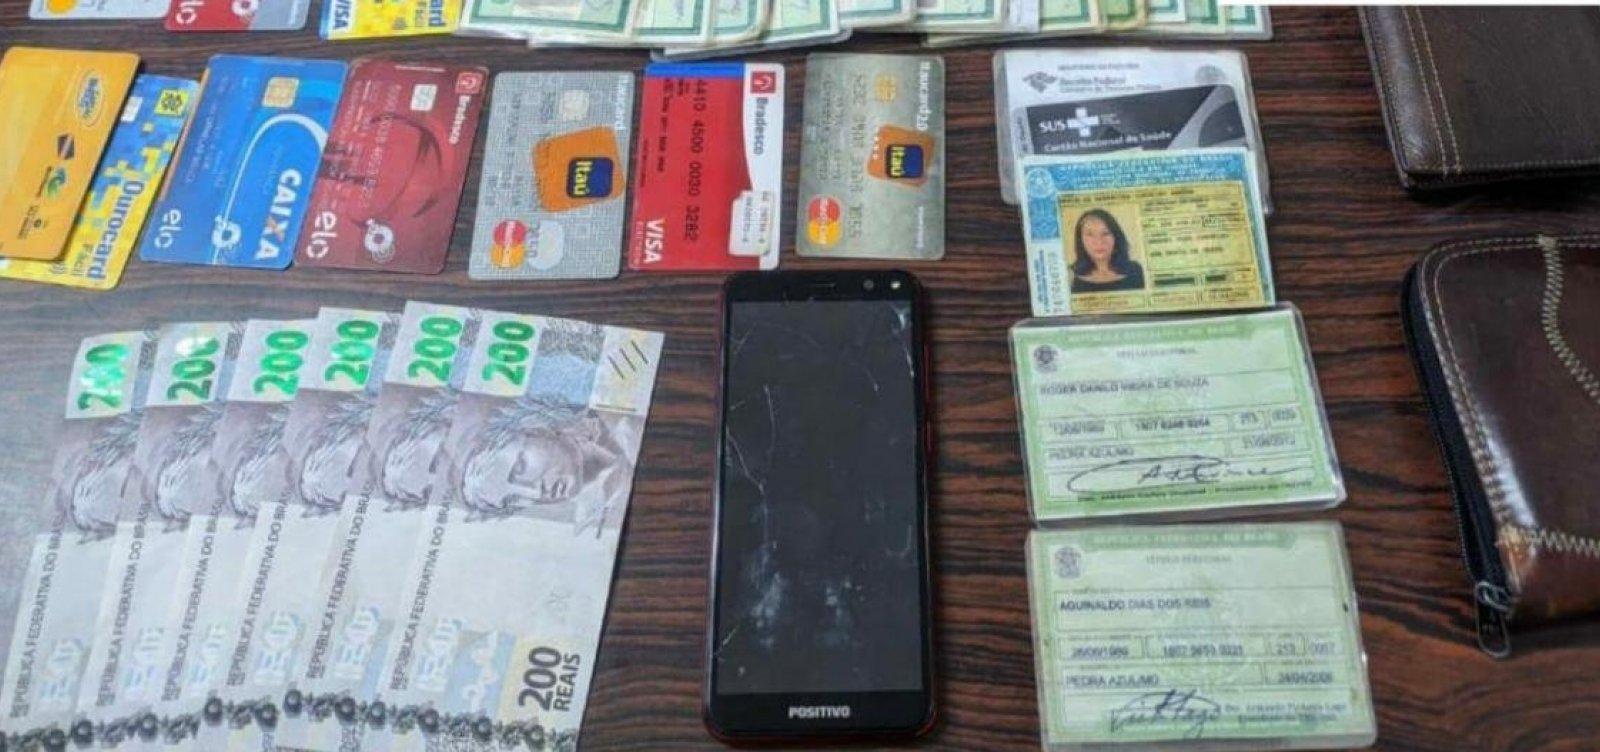 Mulher é flagrada com R$ 1,2 mil em notas falsas e cartões de terceiros